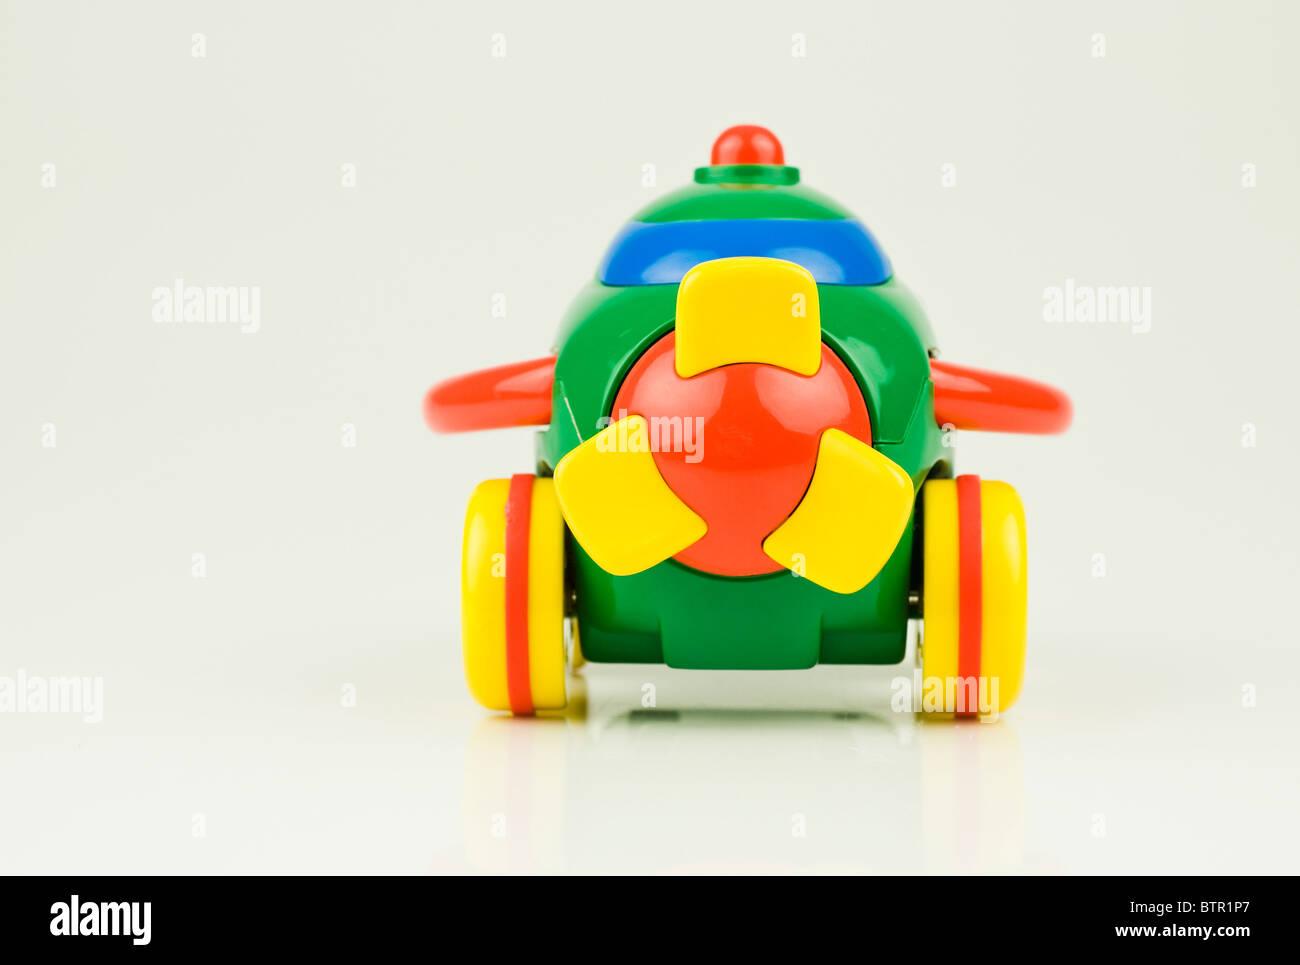 toy plane - Stock Image